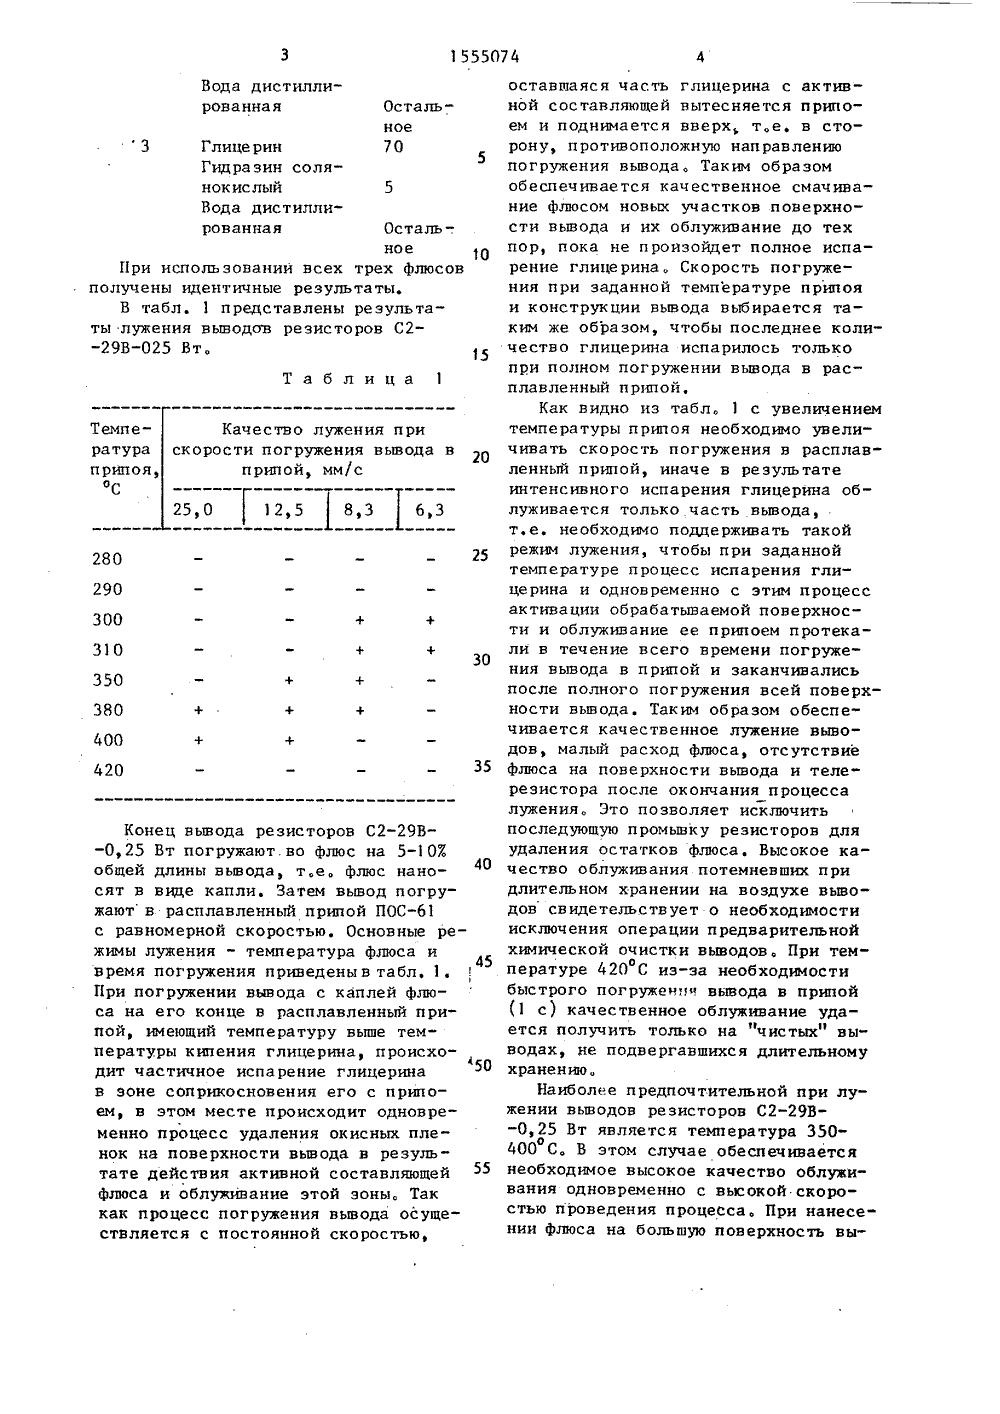 справочник собственной частоты радиоэлементов